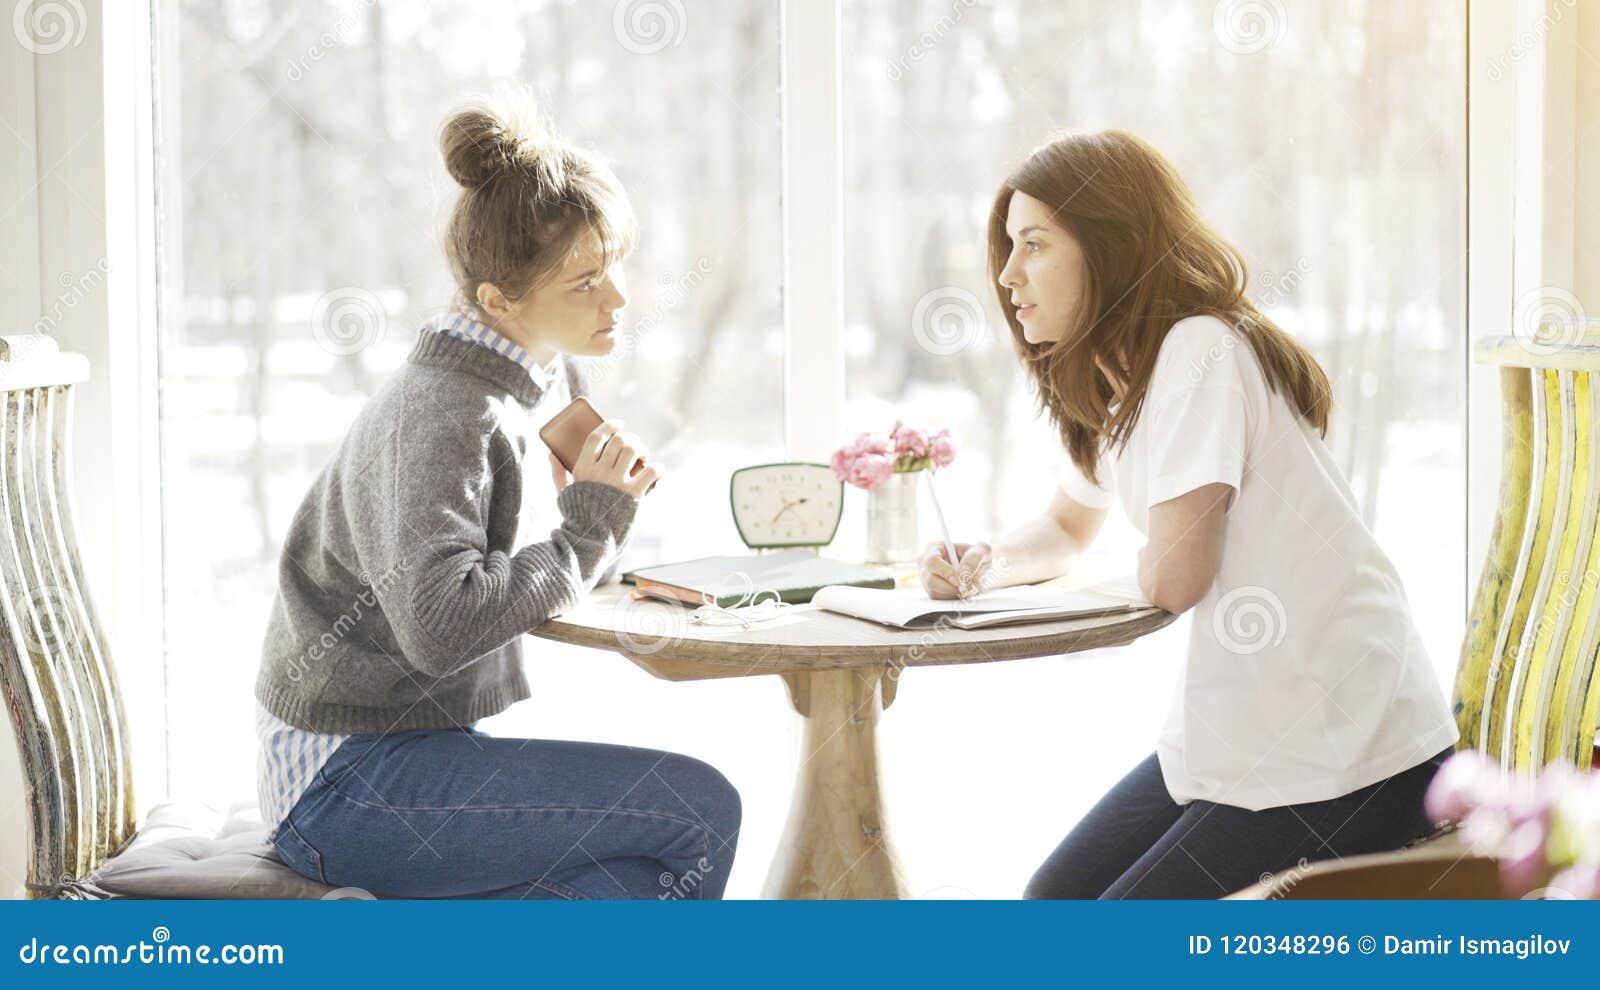 Δύο θηλυκοί σπουδαστές φίλων που διοργανώνουν μια σοβαρή συζήτηση